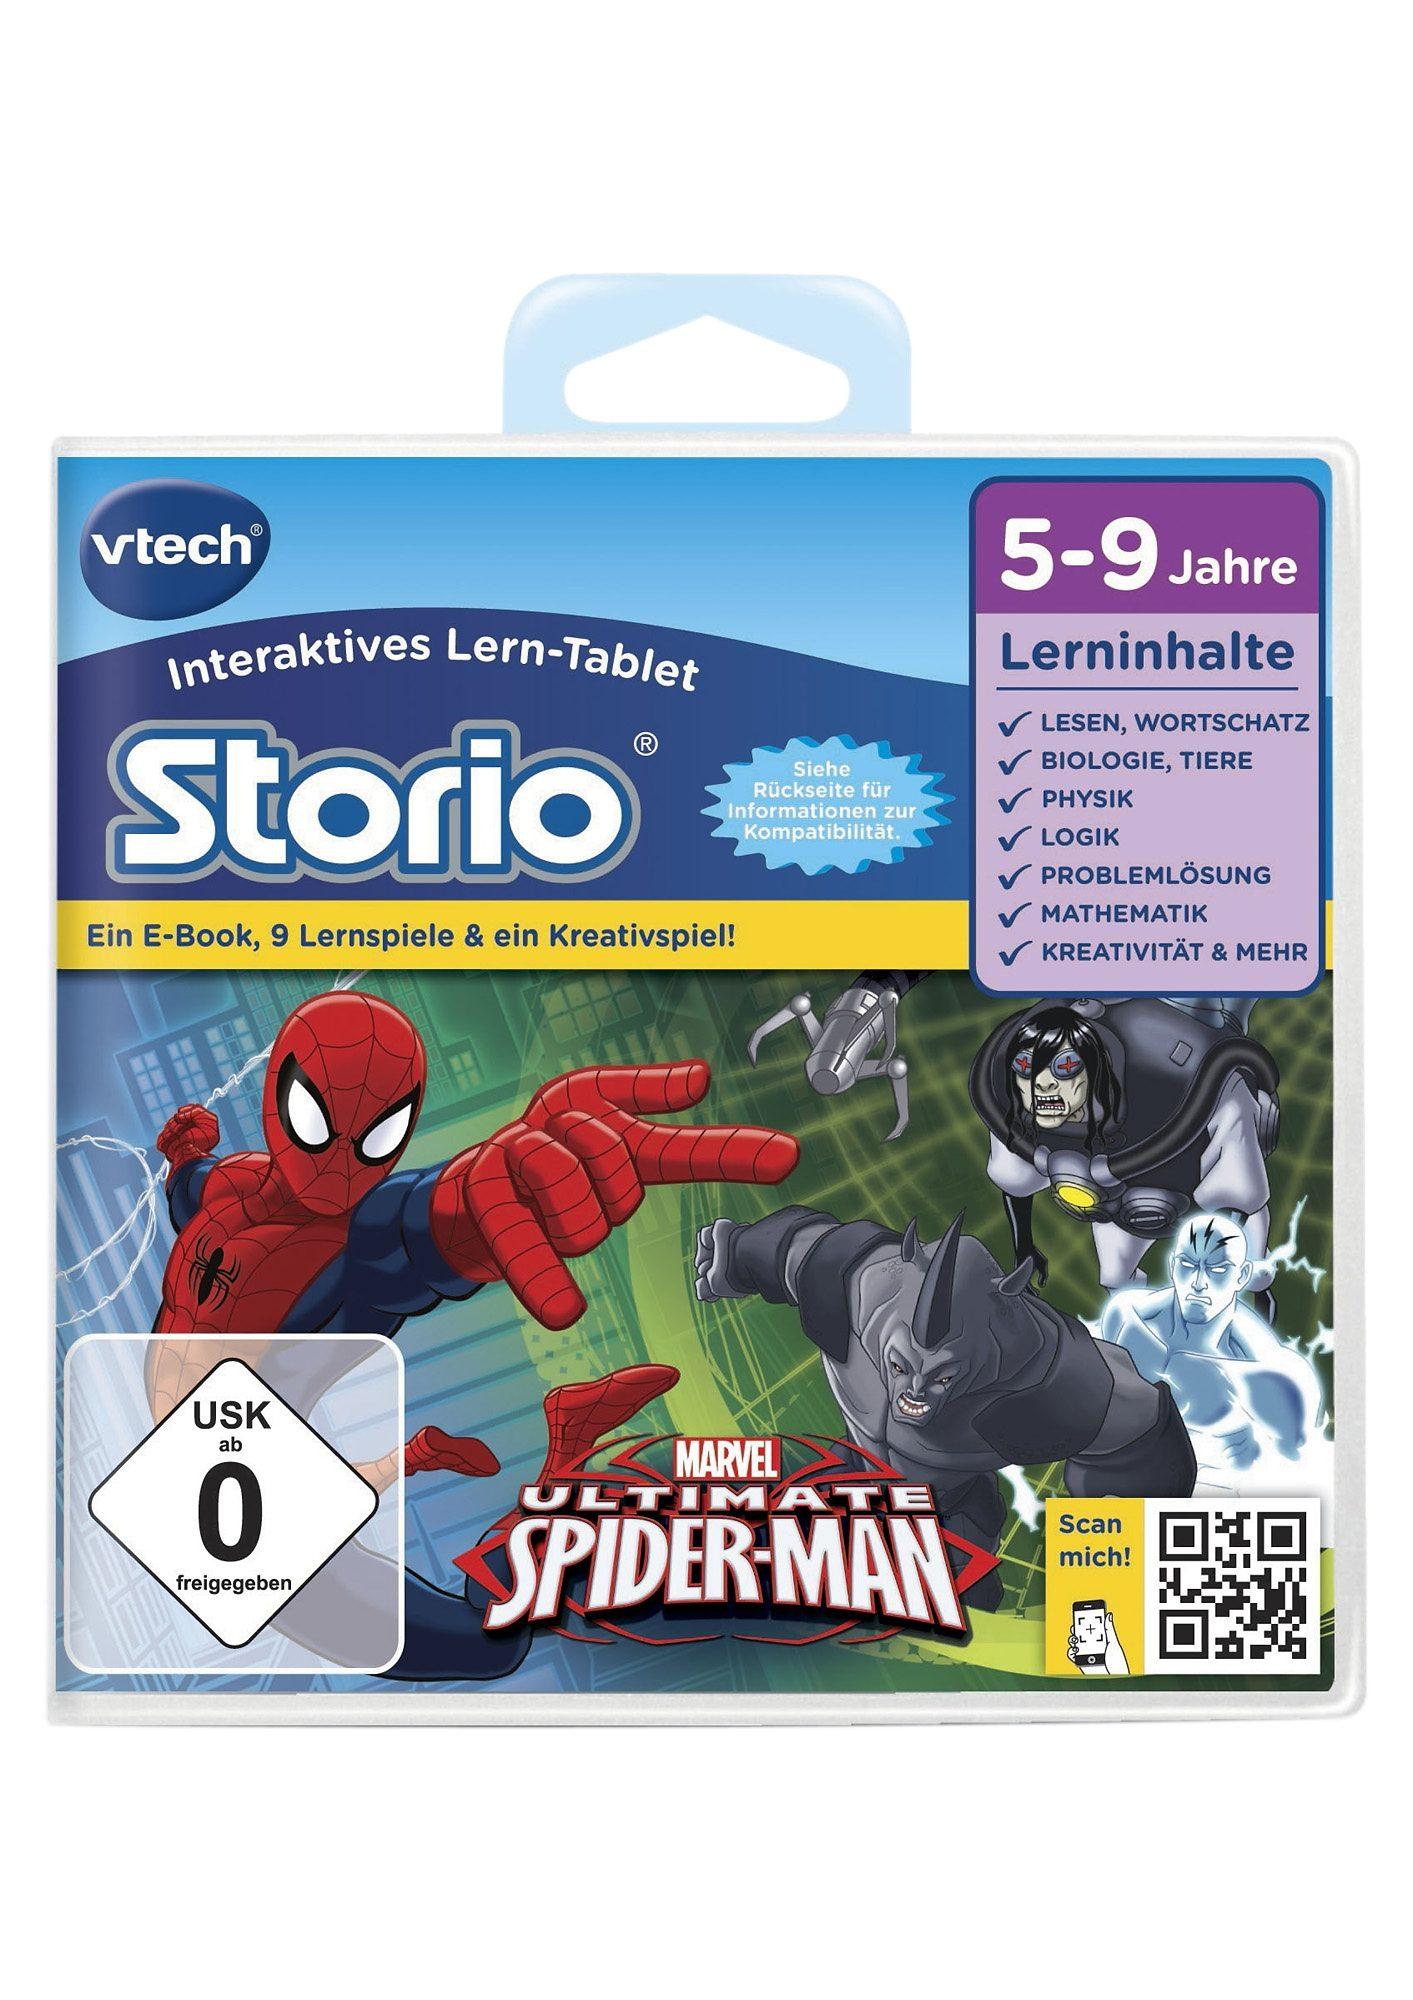 Lernspiele, Der ultimative Spiderman, VTech